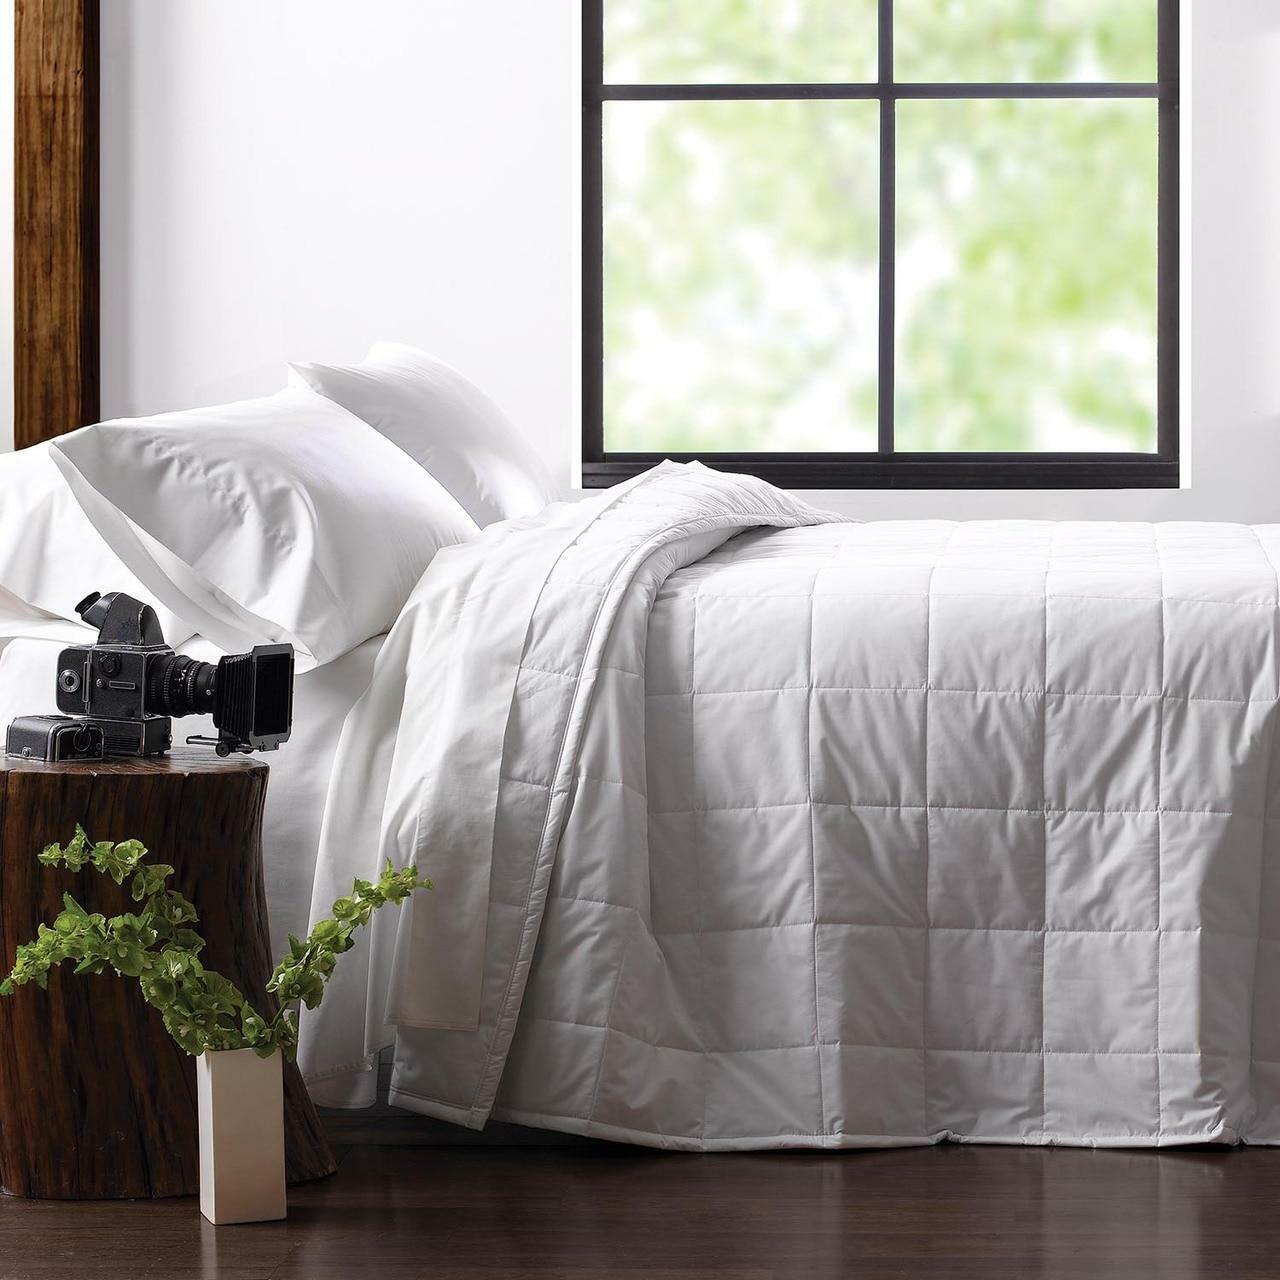 WestPoint/Martex Martex Green Filled Blanket